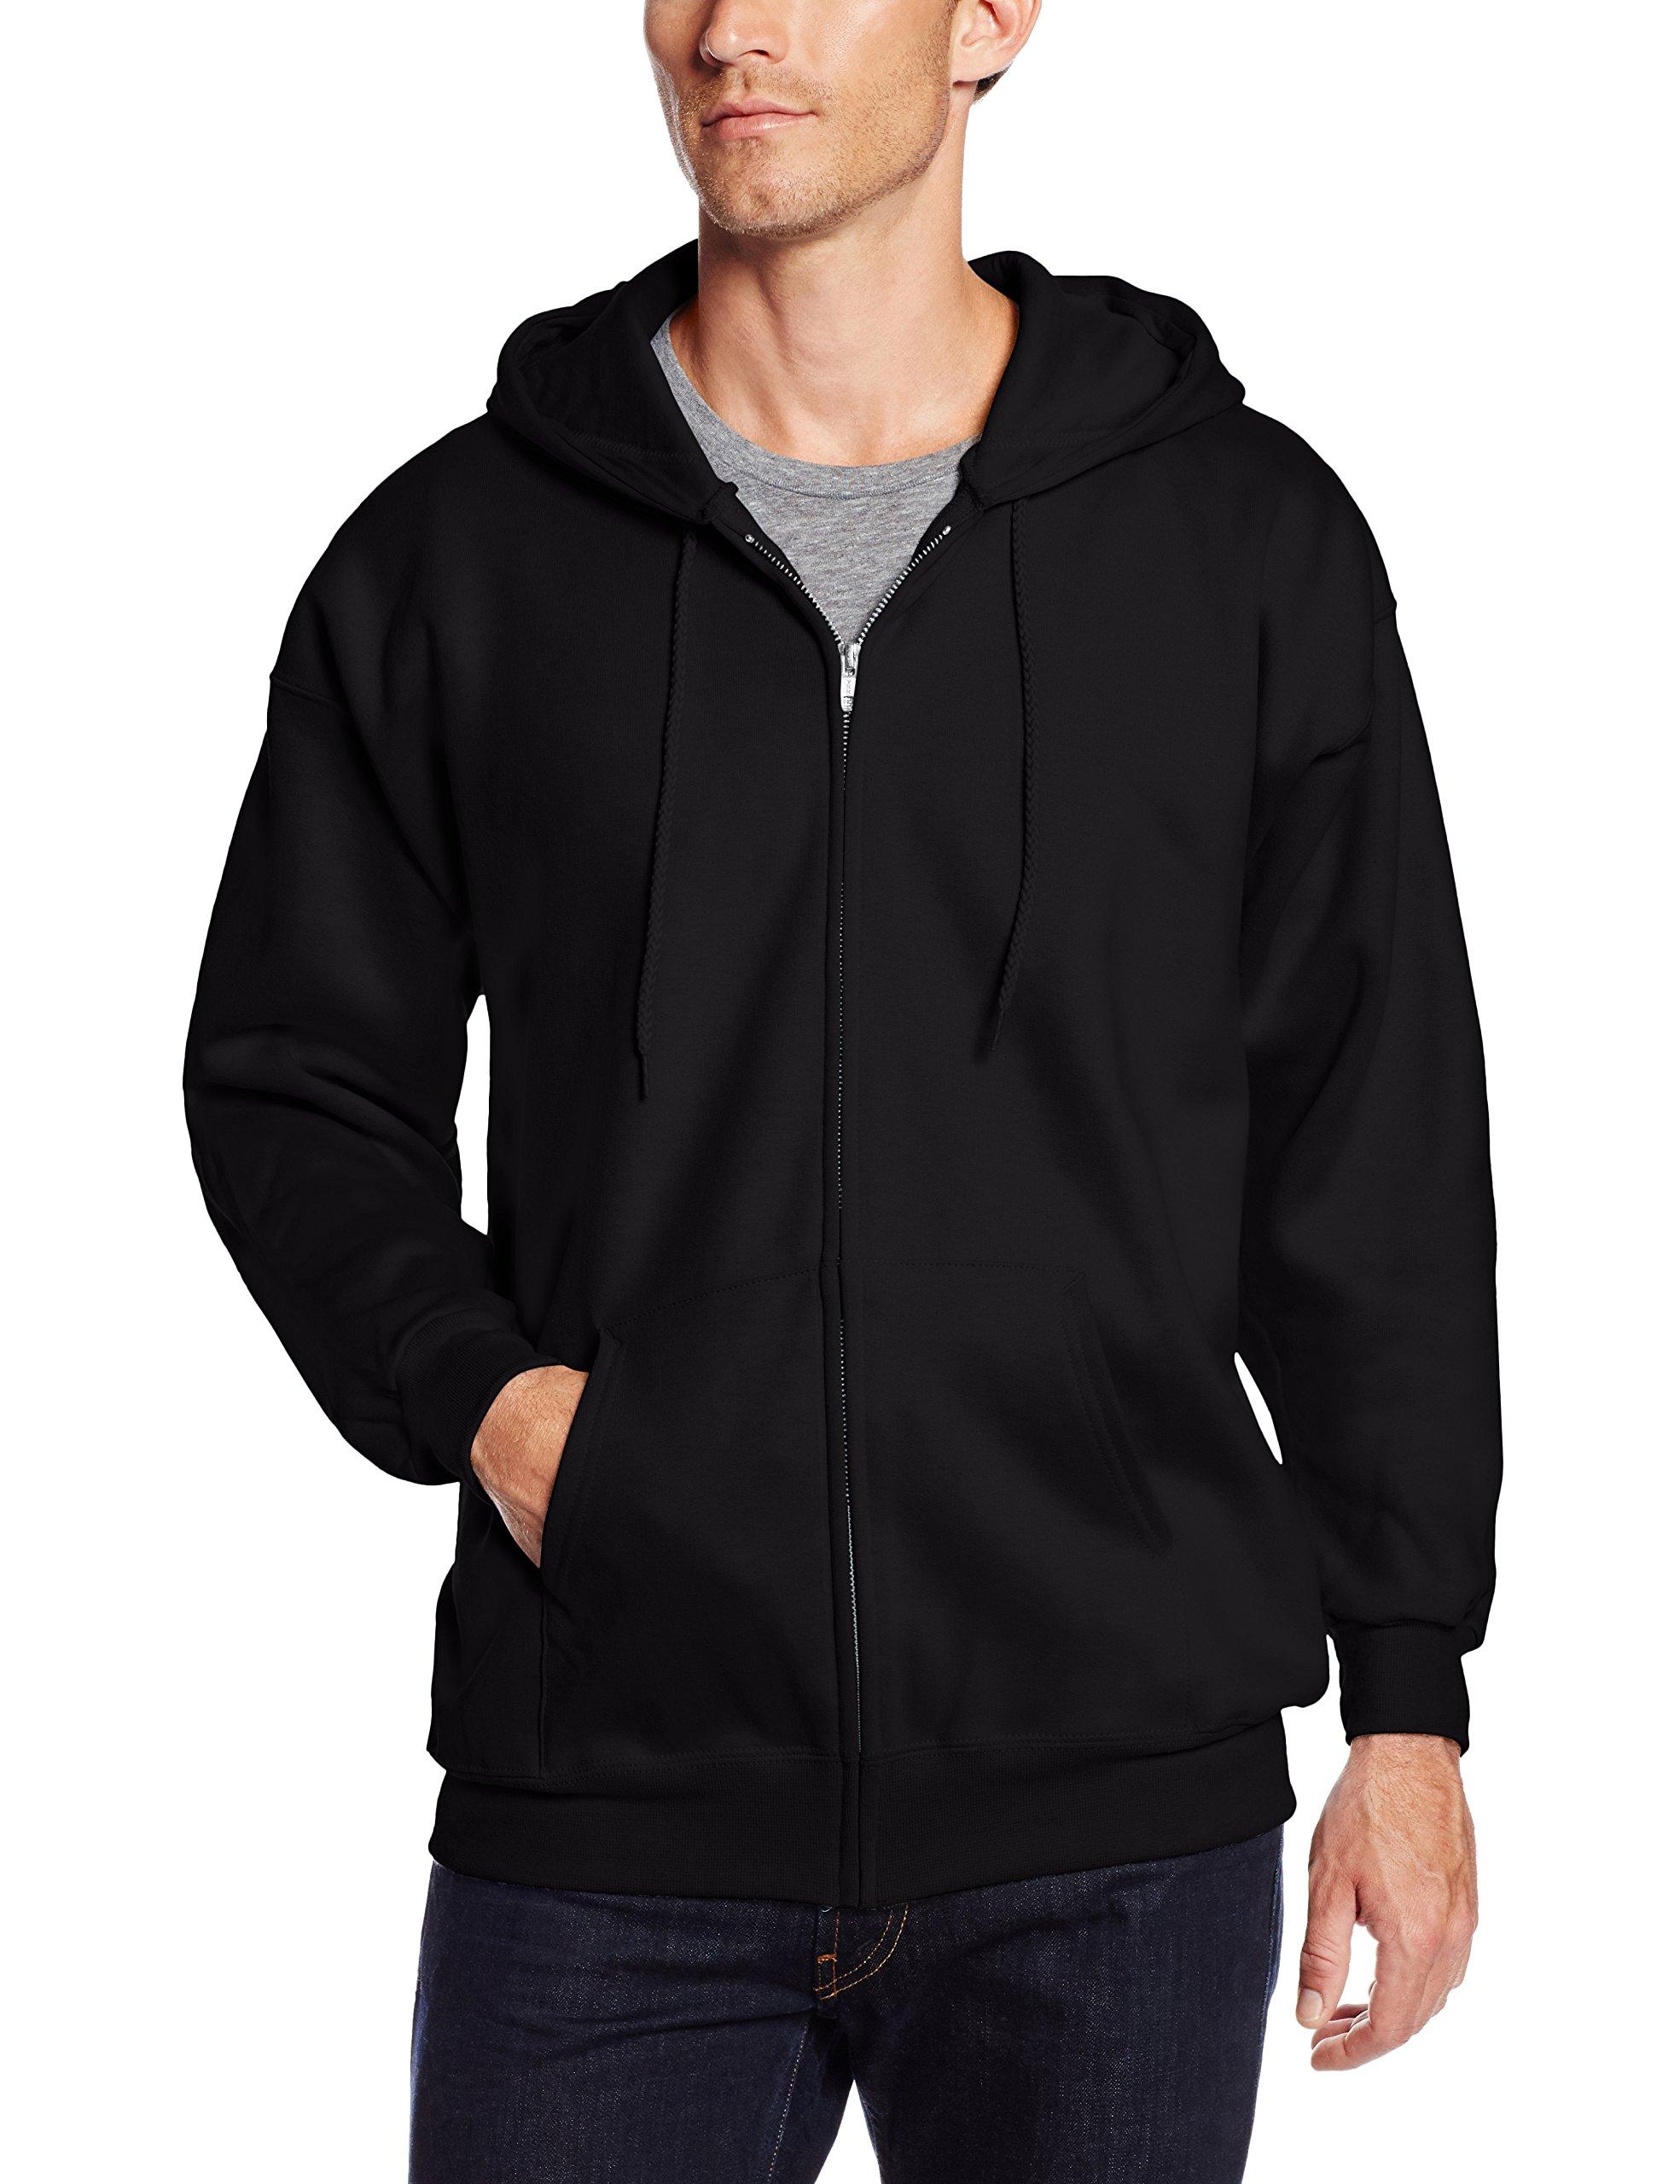 Hanes Men's Full Zip Ultimate Heavyweight Fleece Hoodie, Black, Medium by Hanes